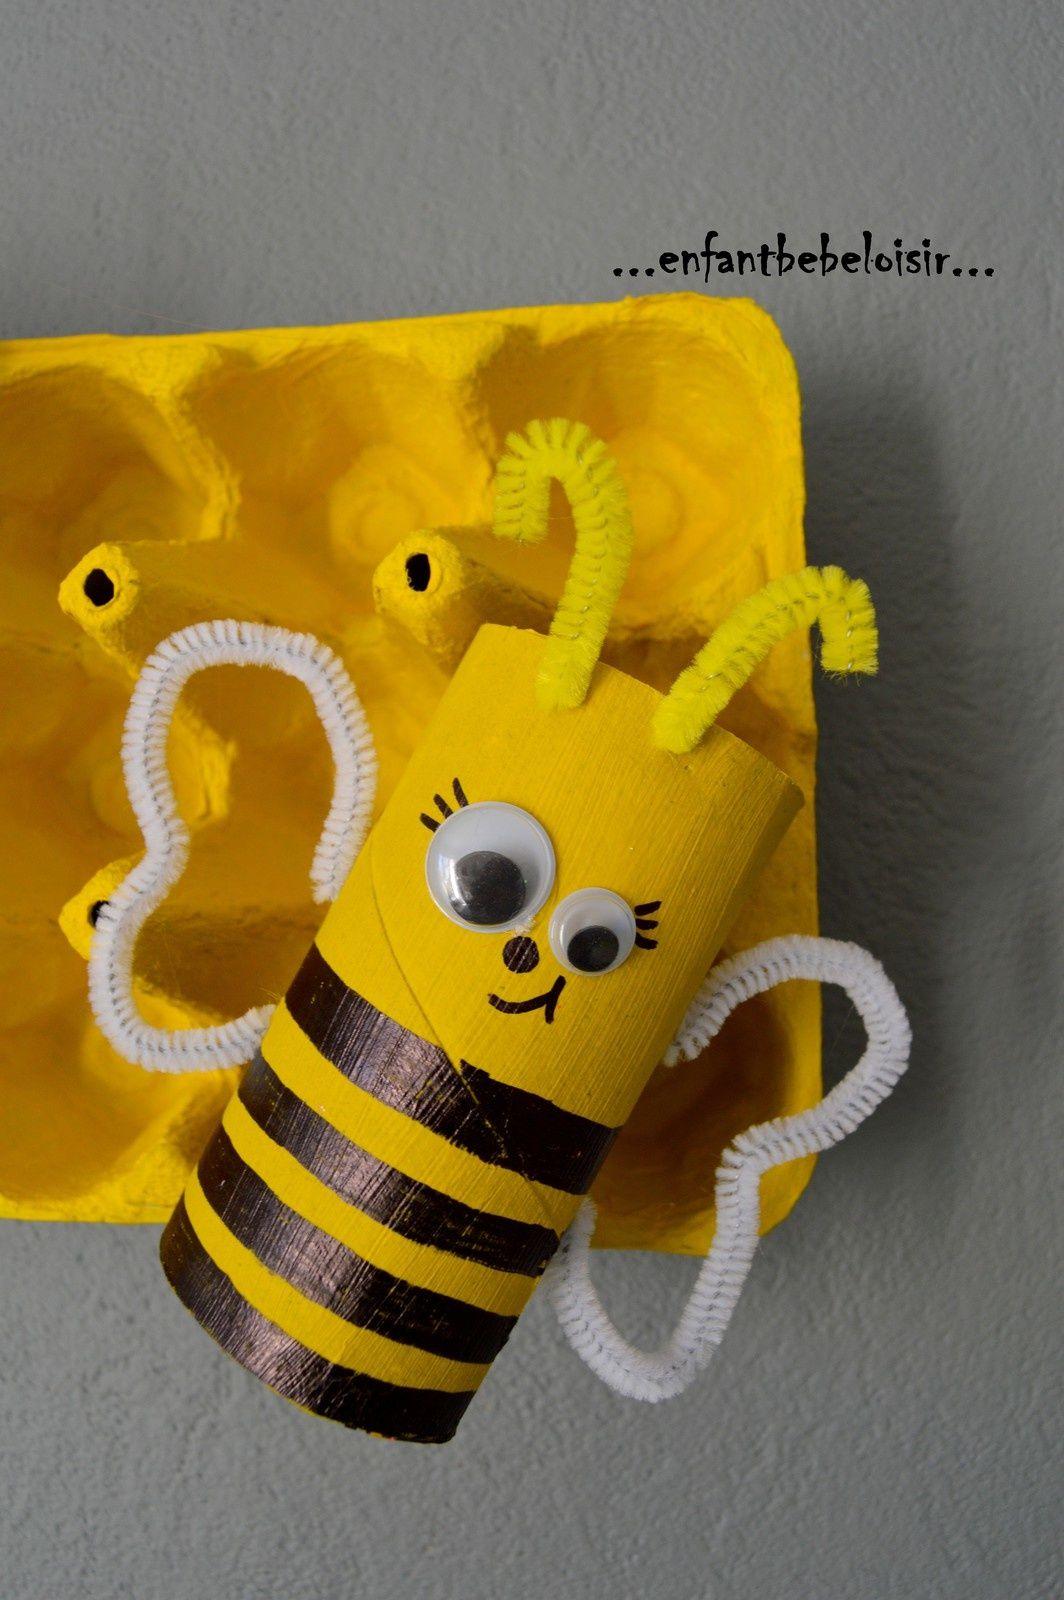 fabriquer une ruche et des abeilles activit s th me abeilles insectes pinterest th me. Black Bedroom Furniture Sets. Home Design Ideas